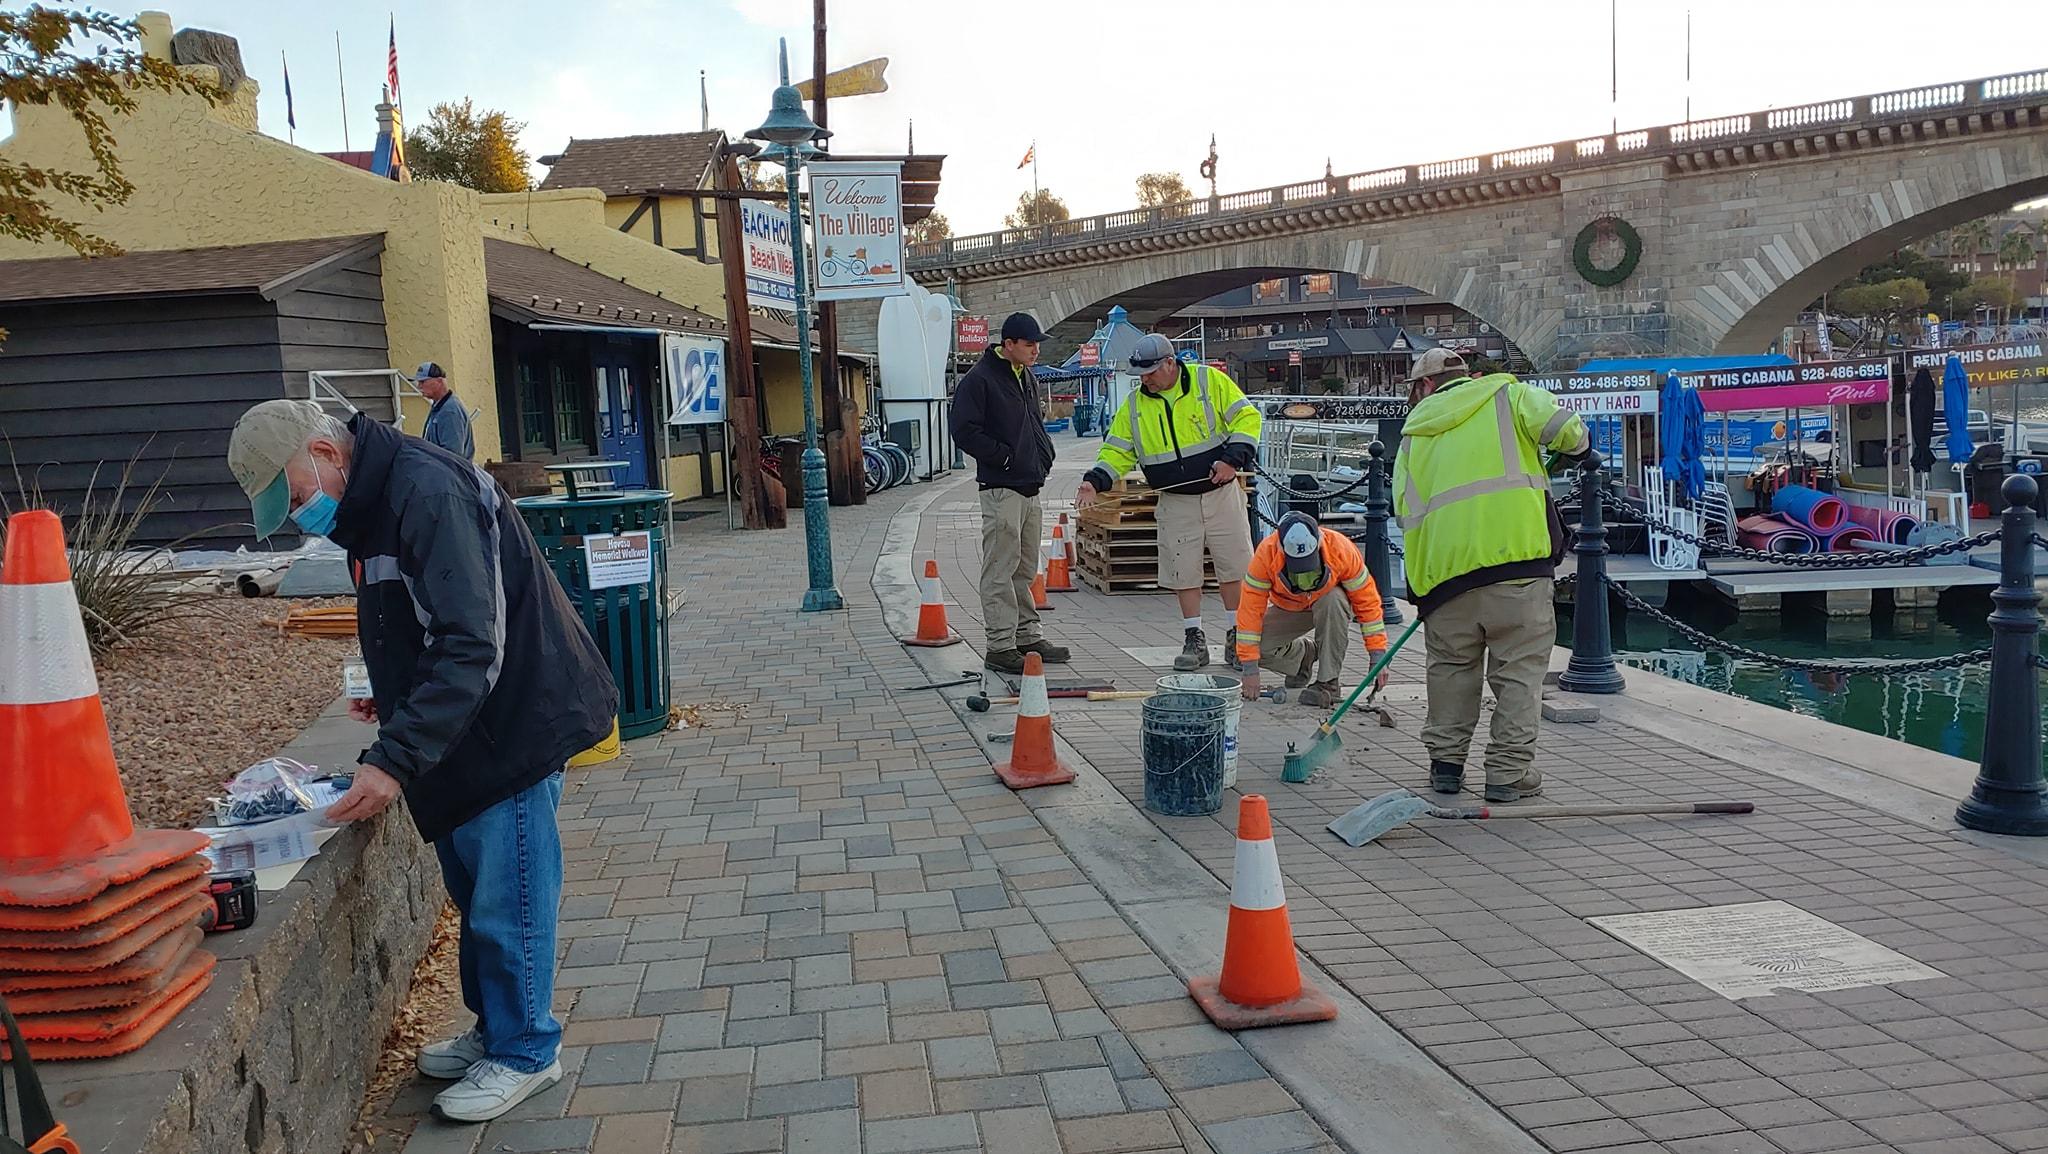 Memorial Walkway Plans Altered By Virus Surge